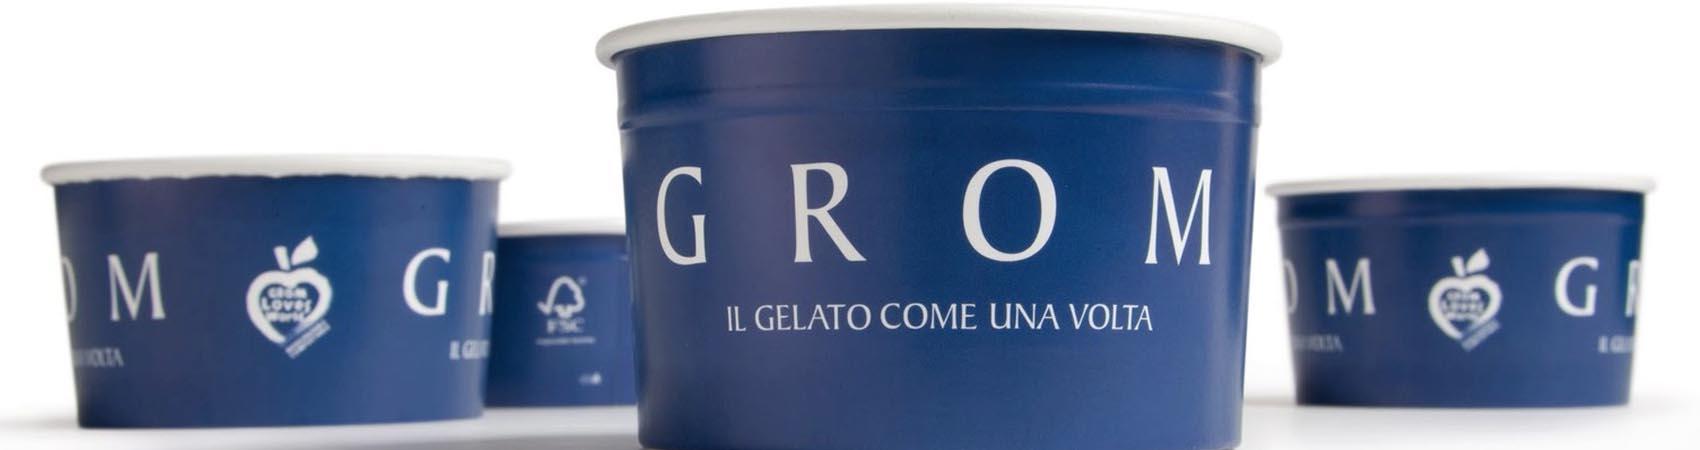 Grom: da Torino al mondo con il nuovo gelato in barattolo